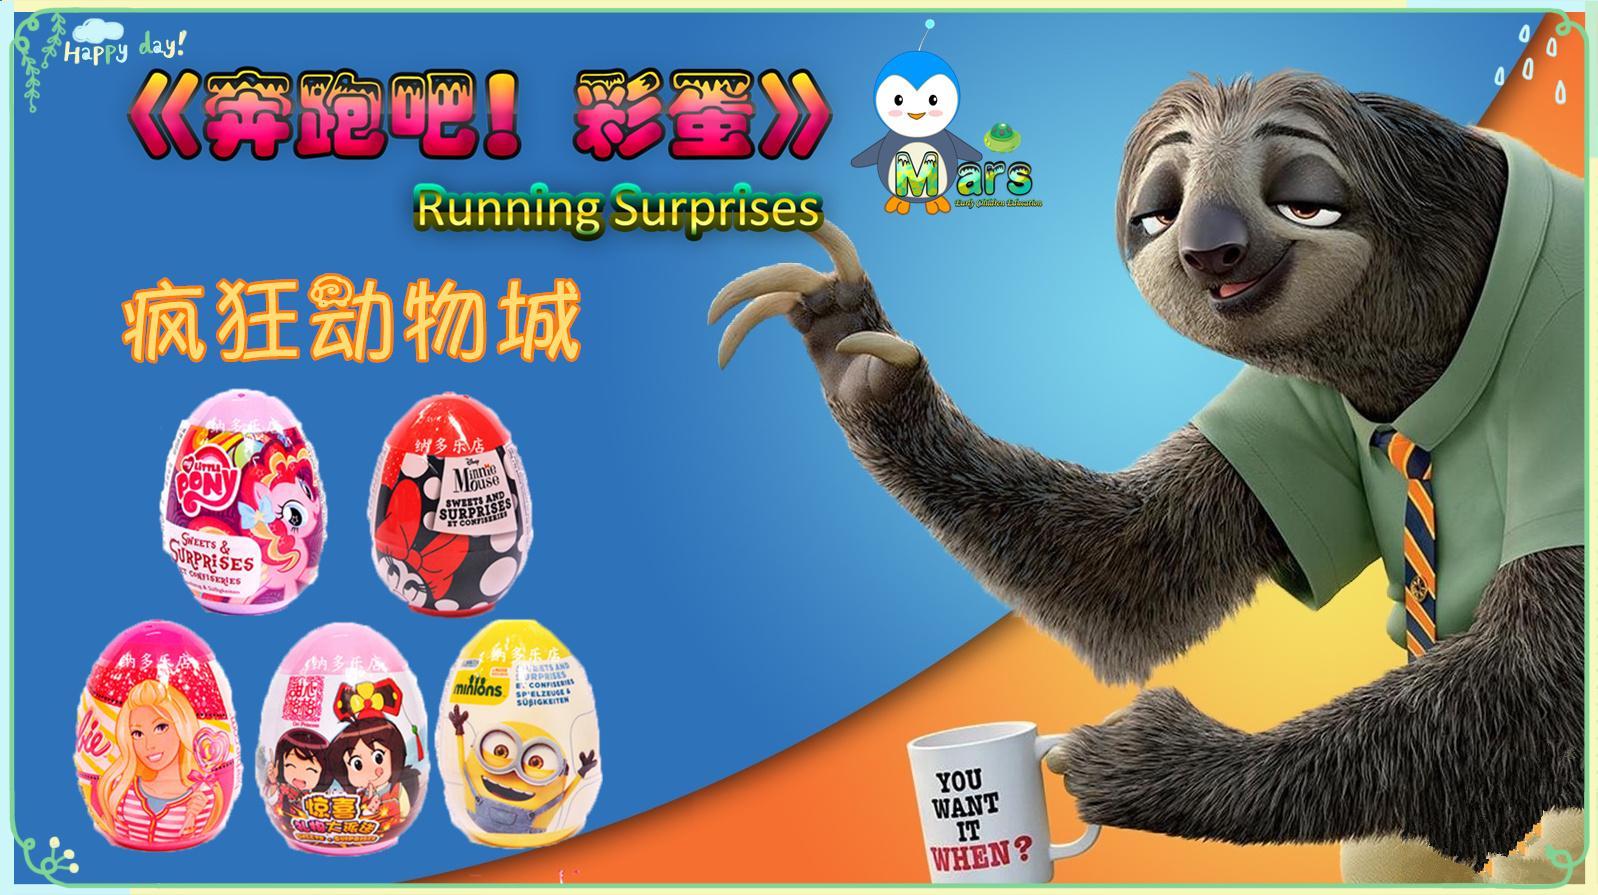 《奔跑吧彩蛋》儿童玩具彩蛋ep29 疯狂动物城:兔朱迪 闪电树懒